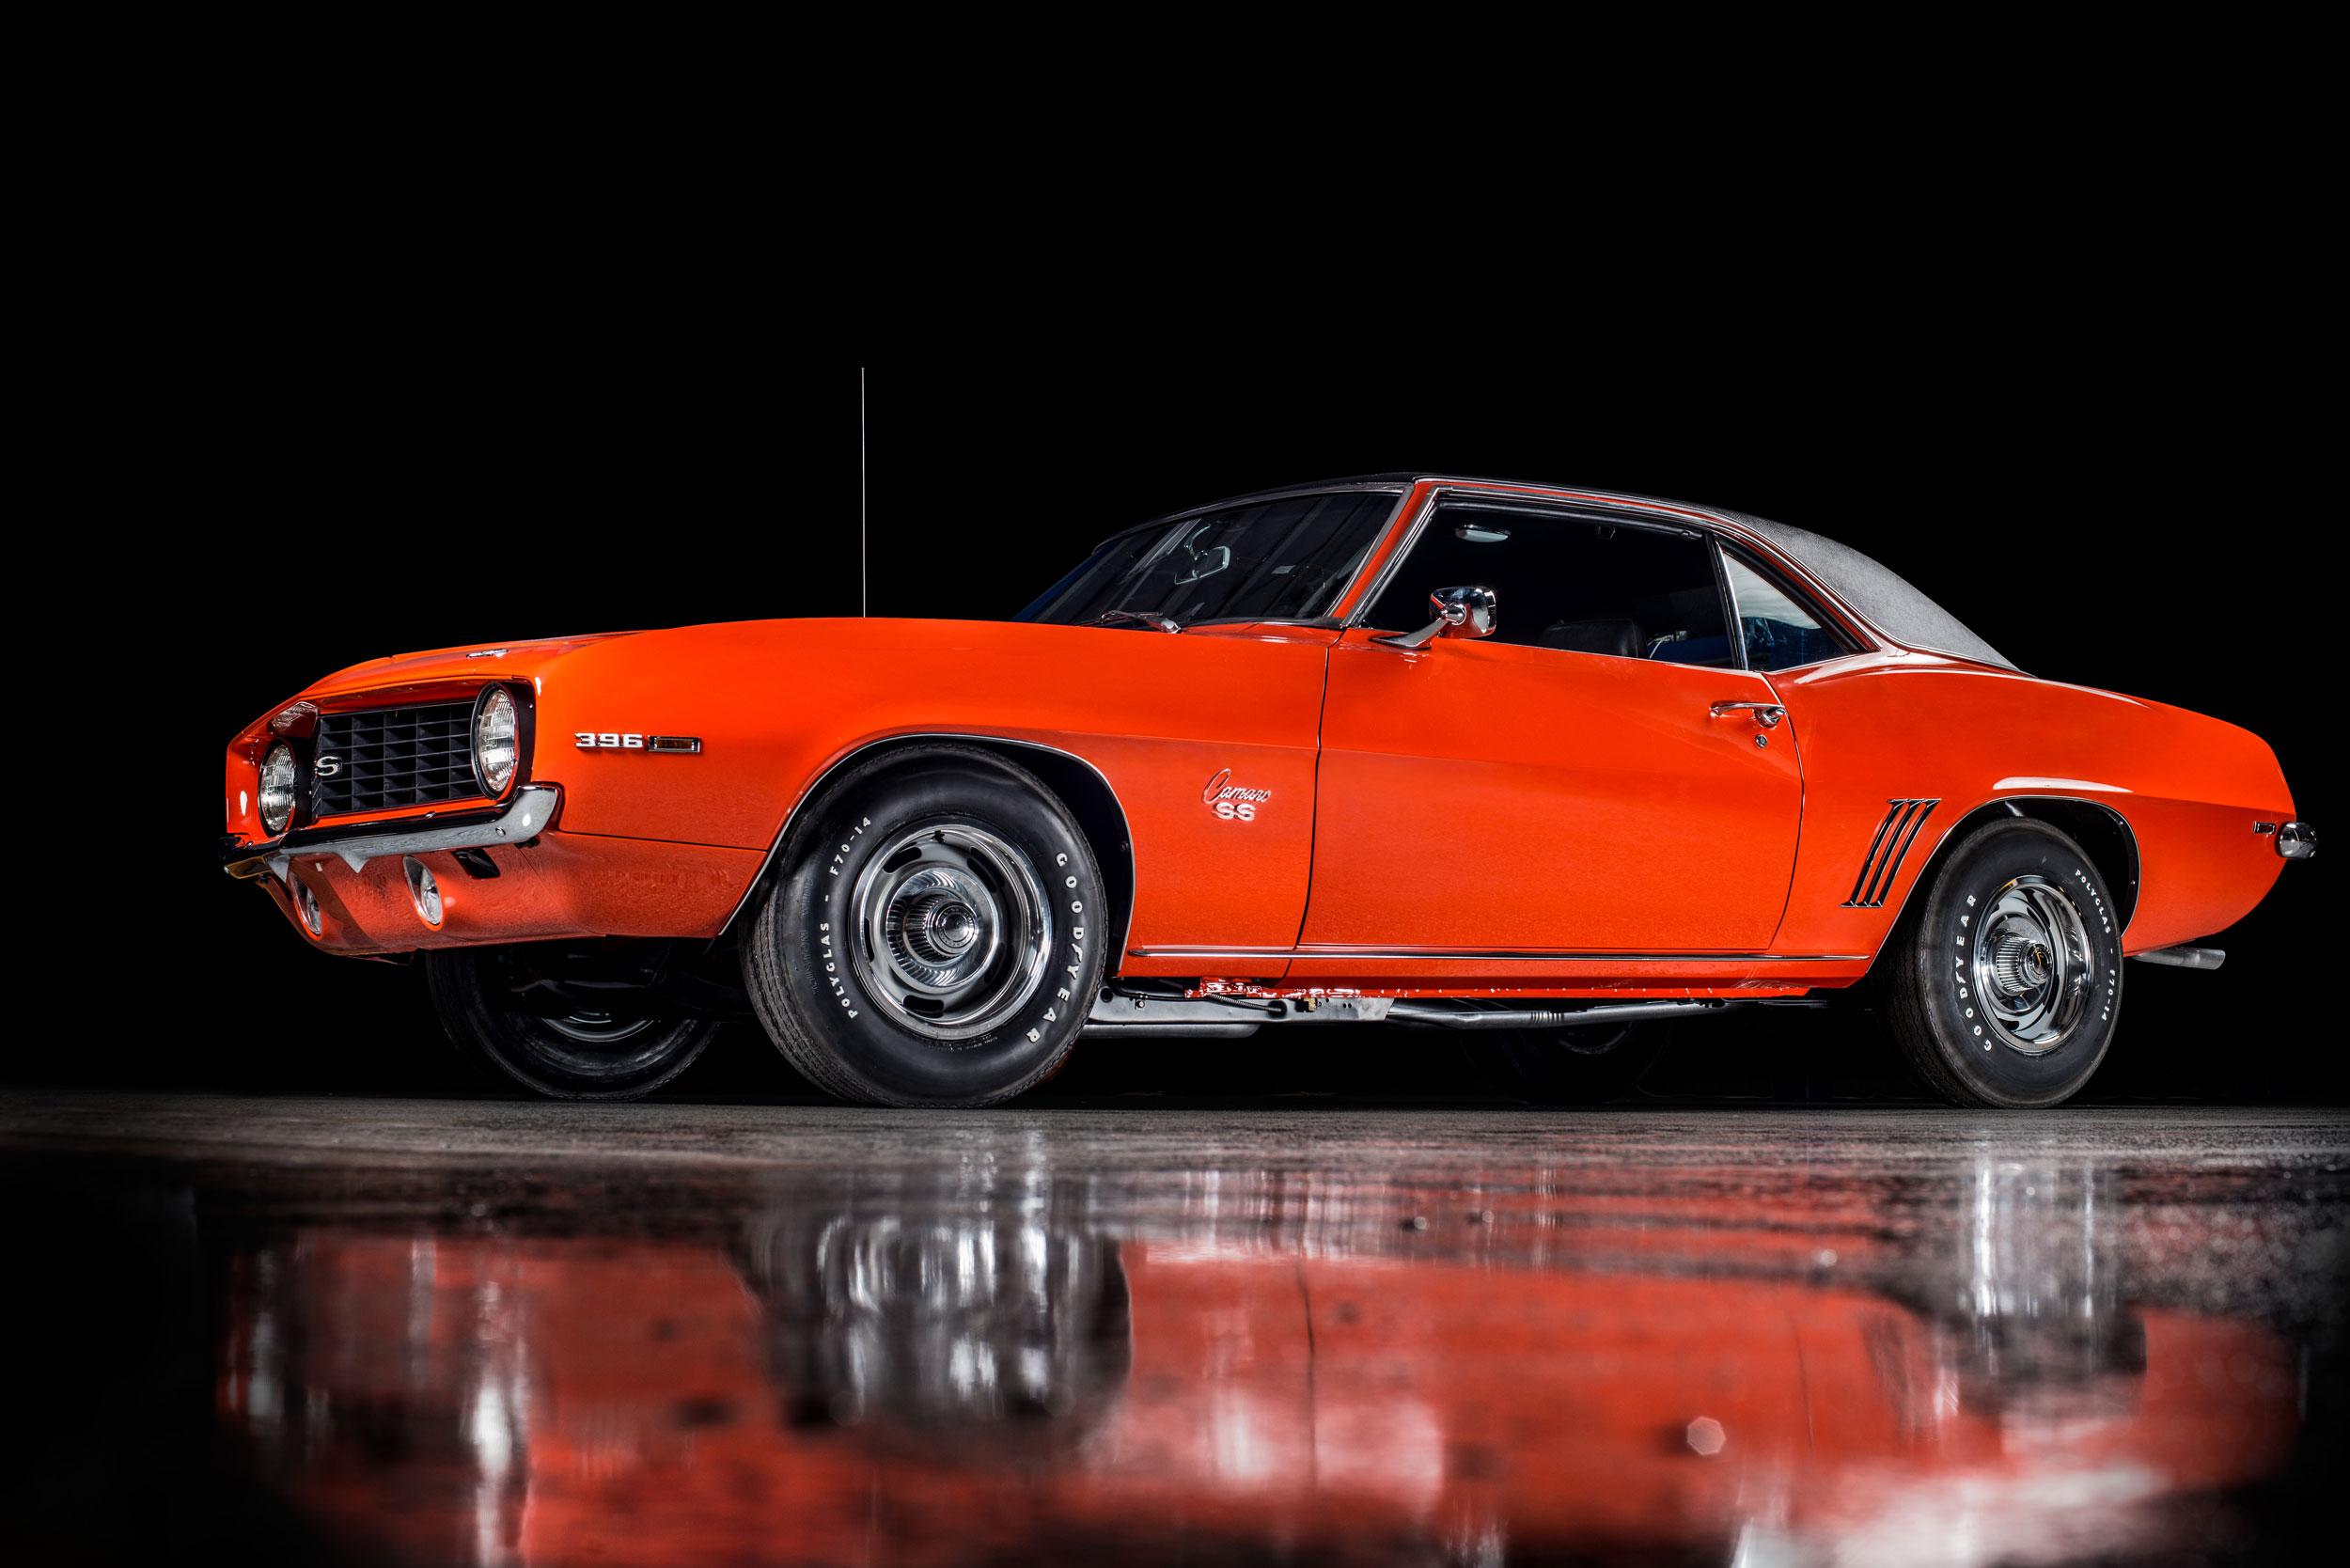 1969 Chevrolet Camaro low 3/4